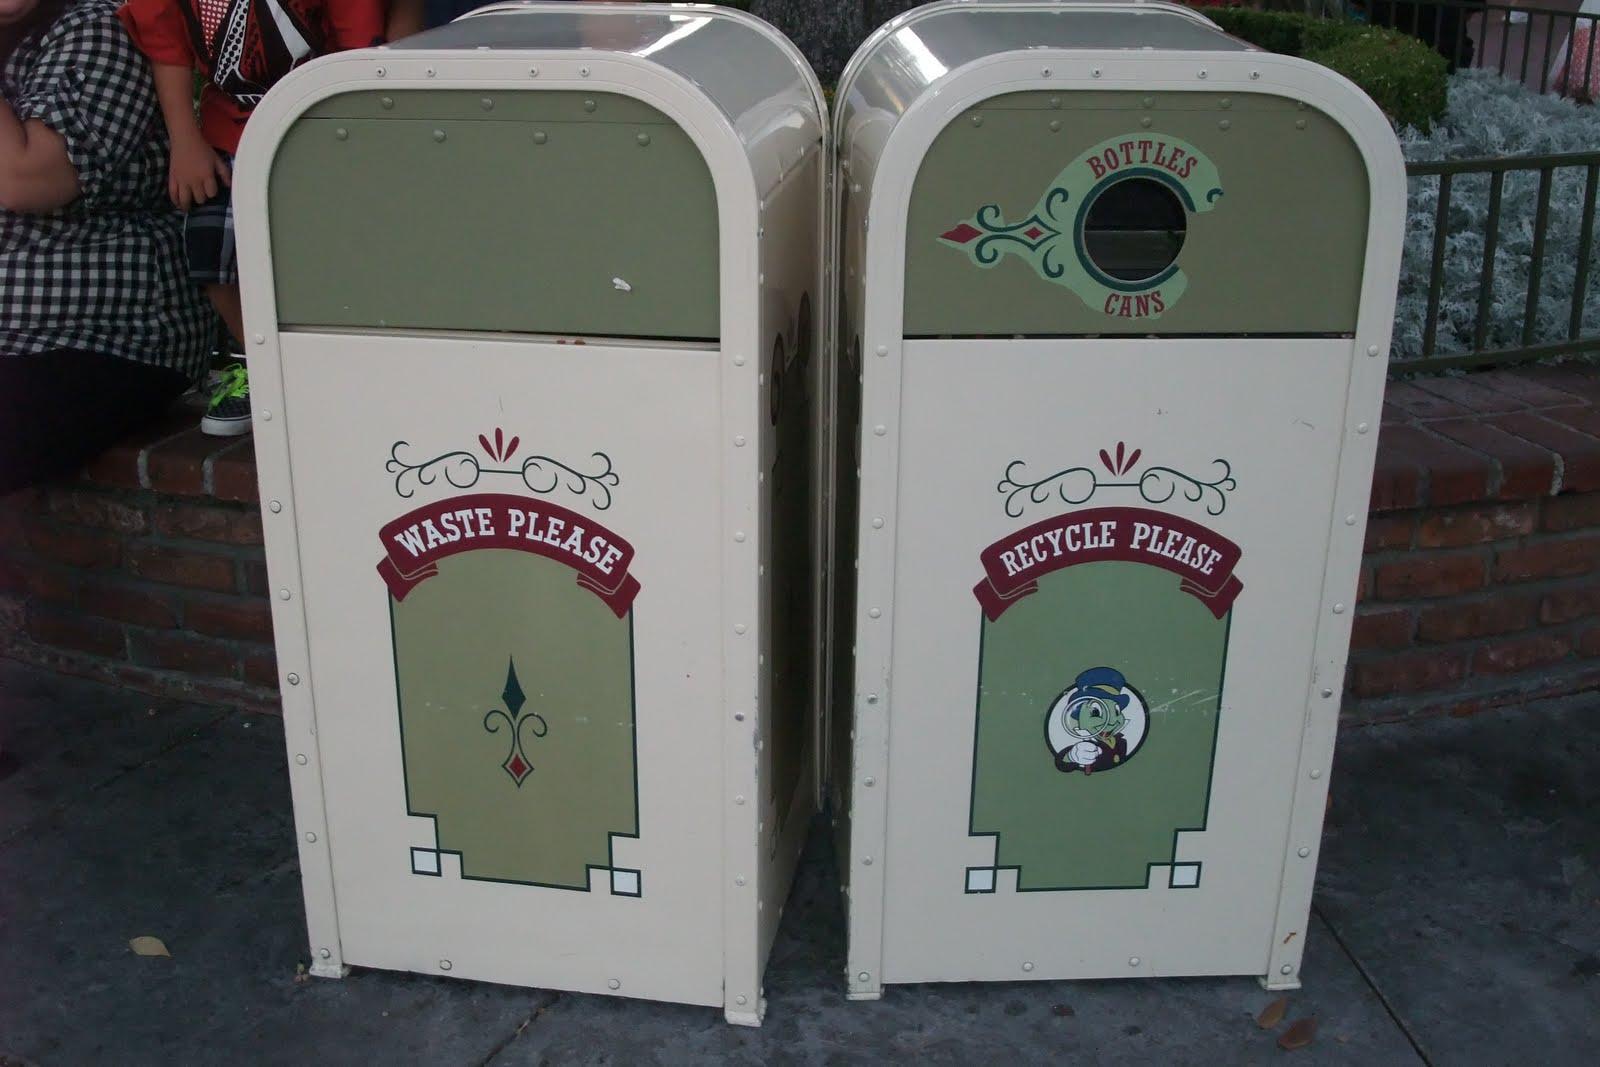 Disney Trash Cans.jpg